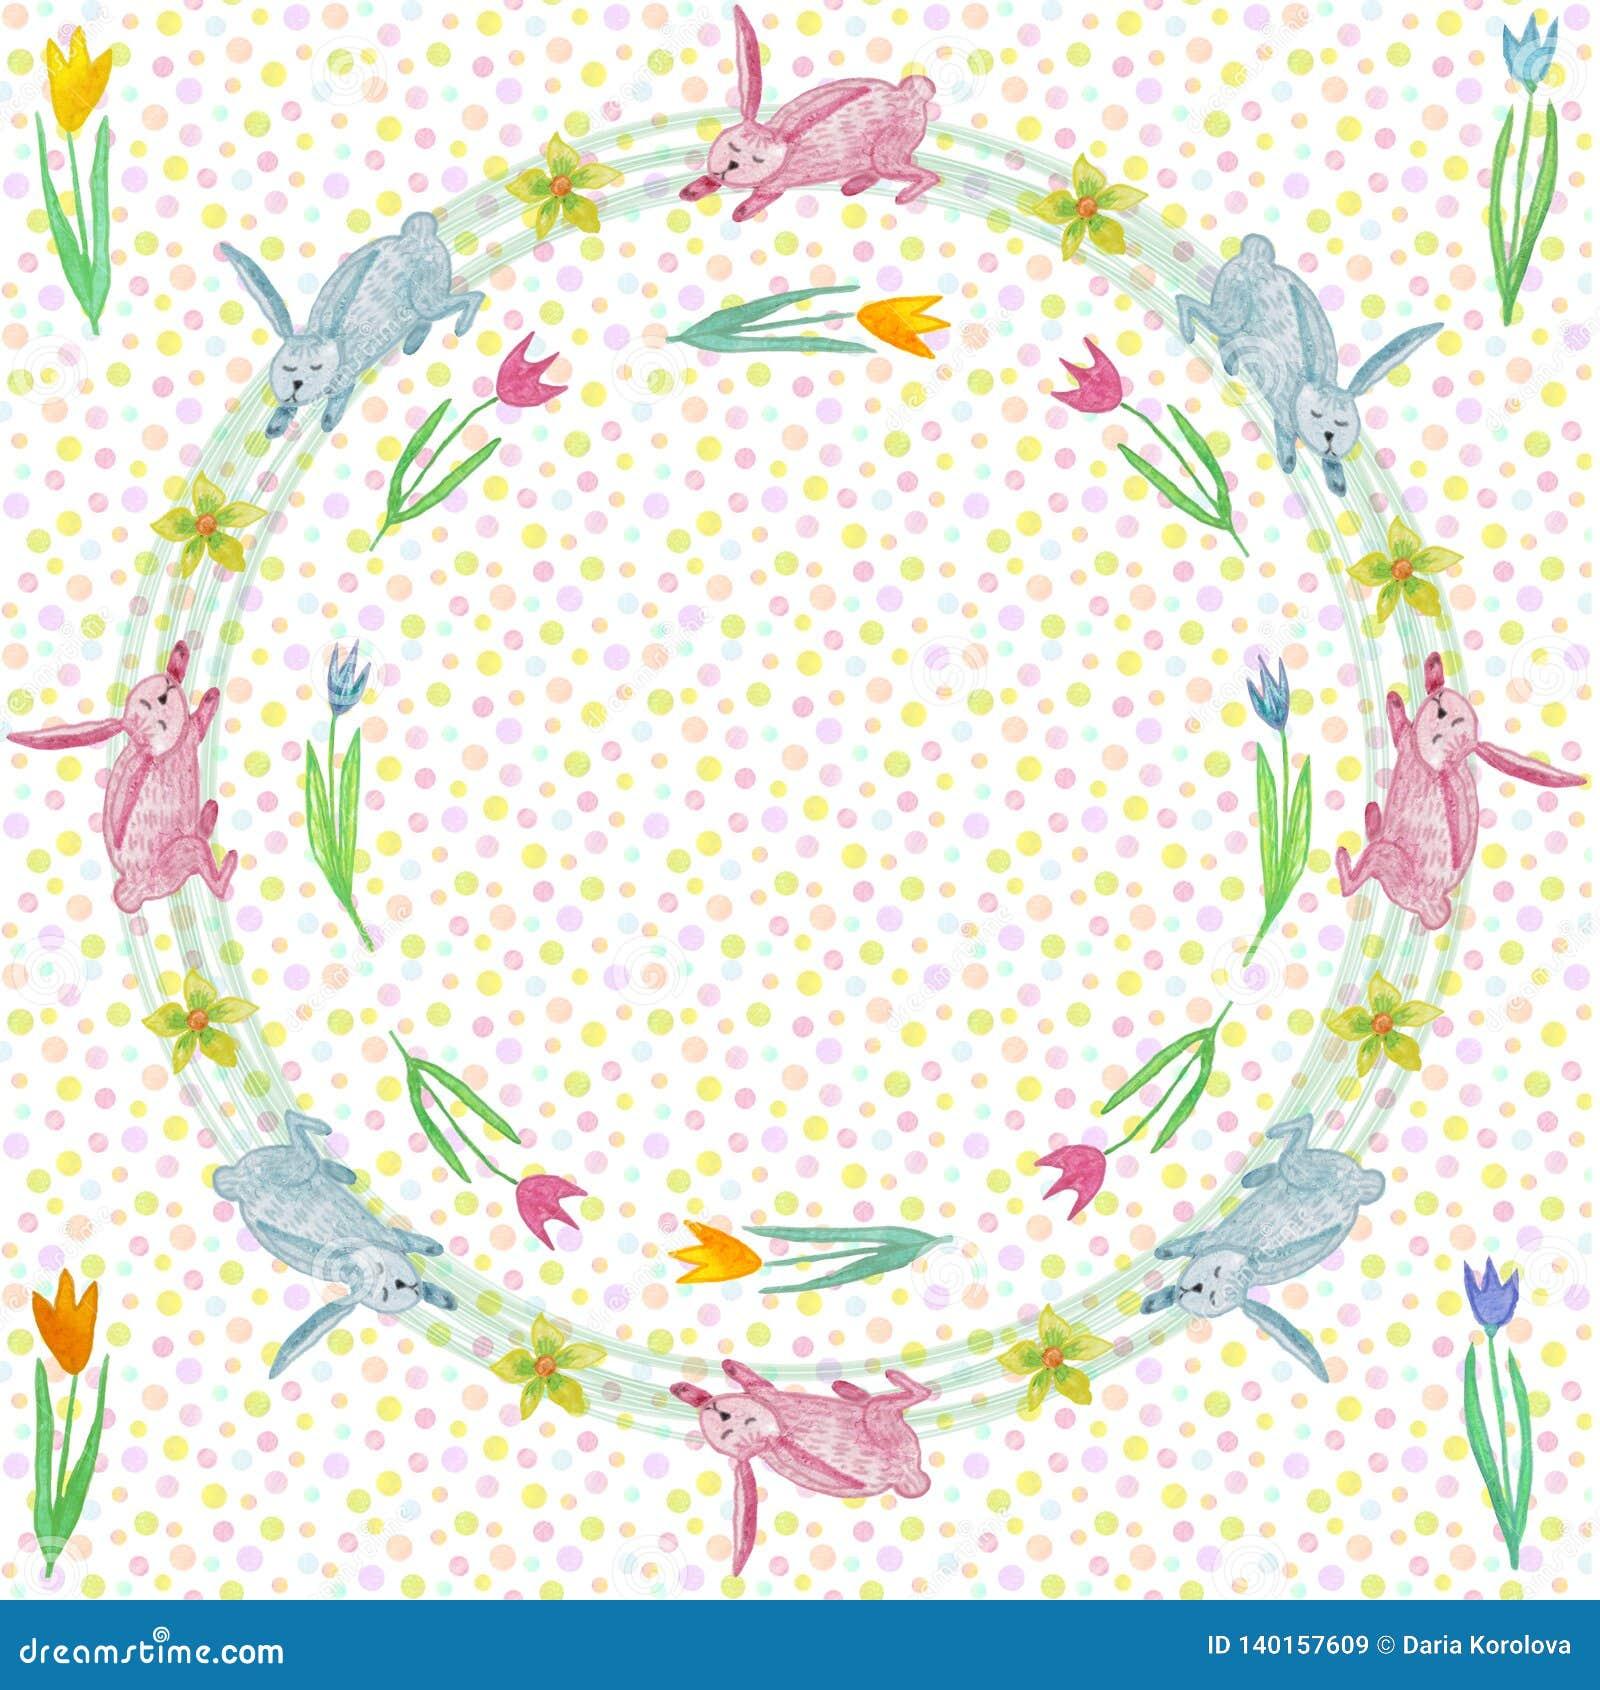 Бесконечная текстура для дизайна весны, украшения, поздравительных открыток